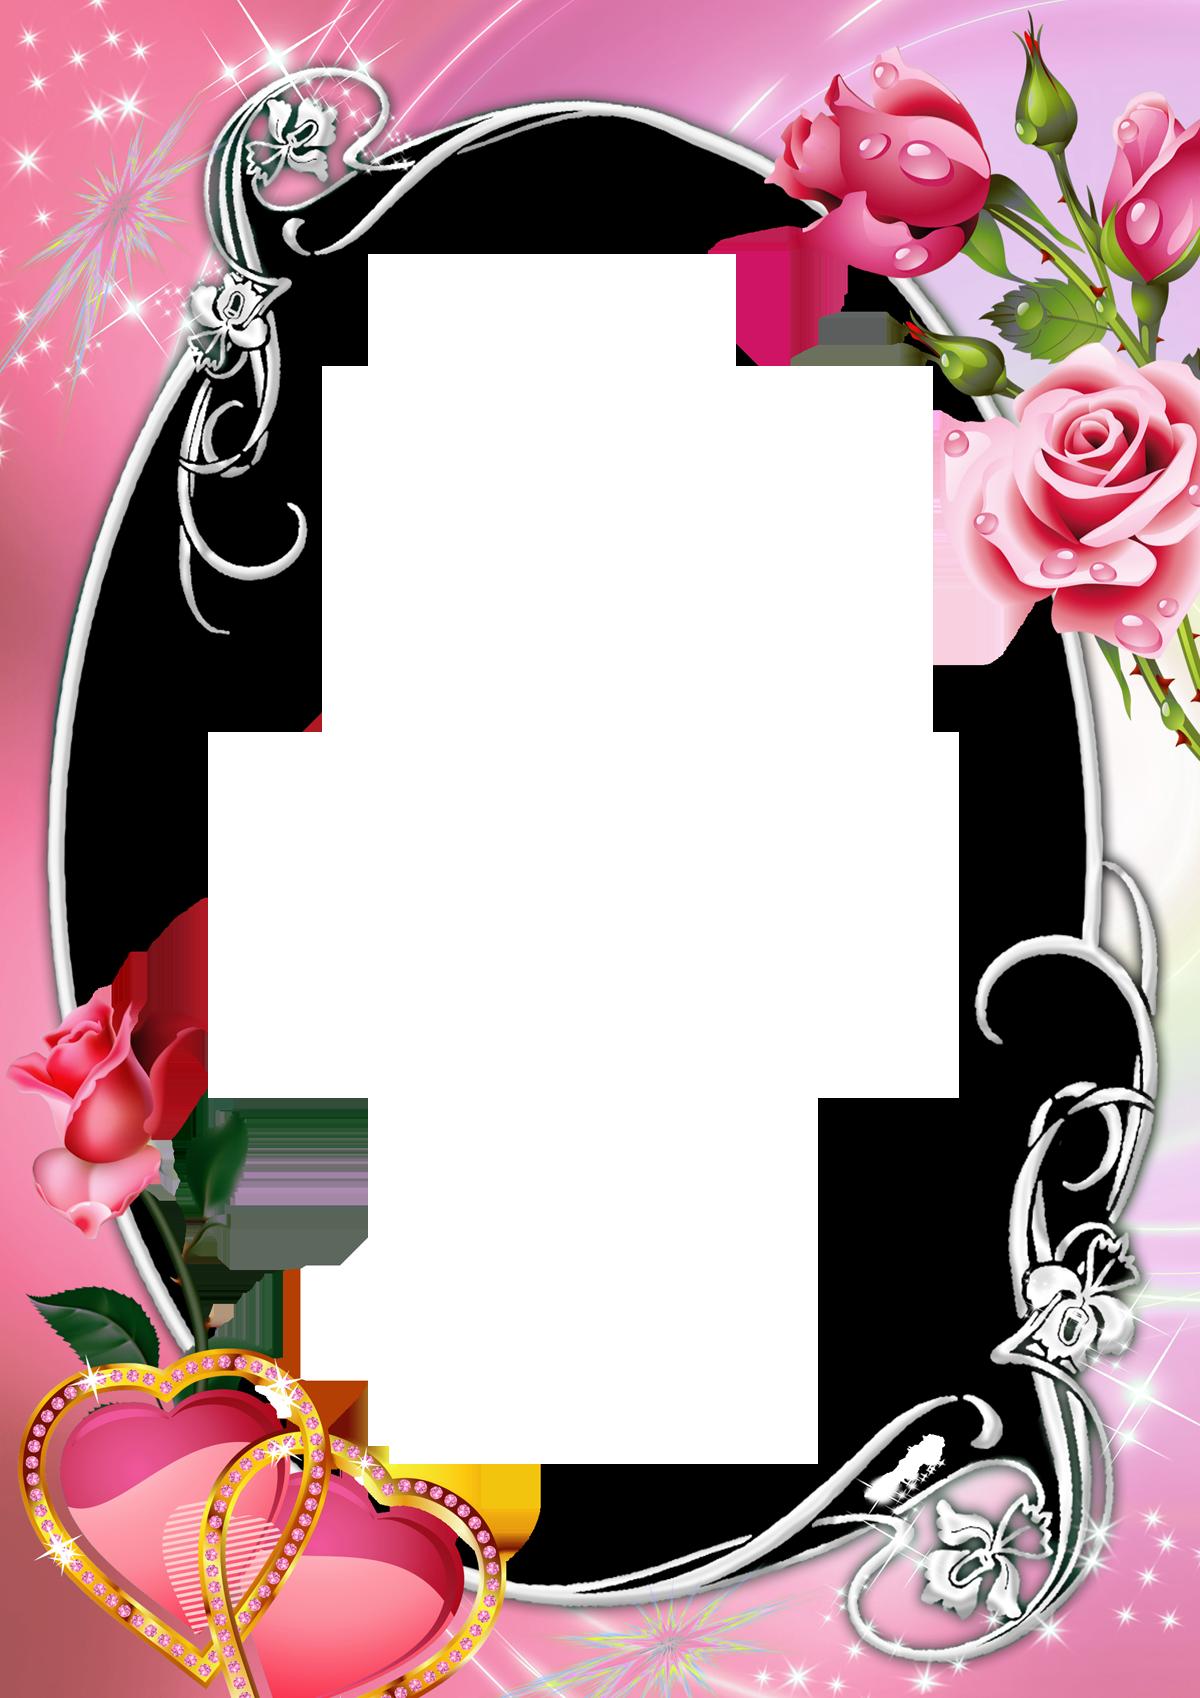 Khung ảnh màu hồng dễ thương nhất